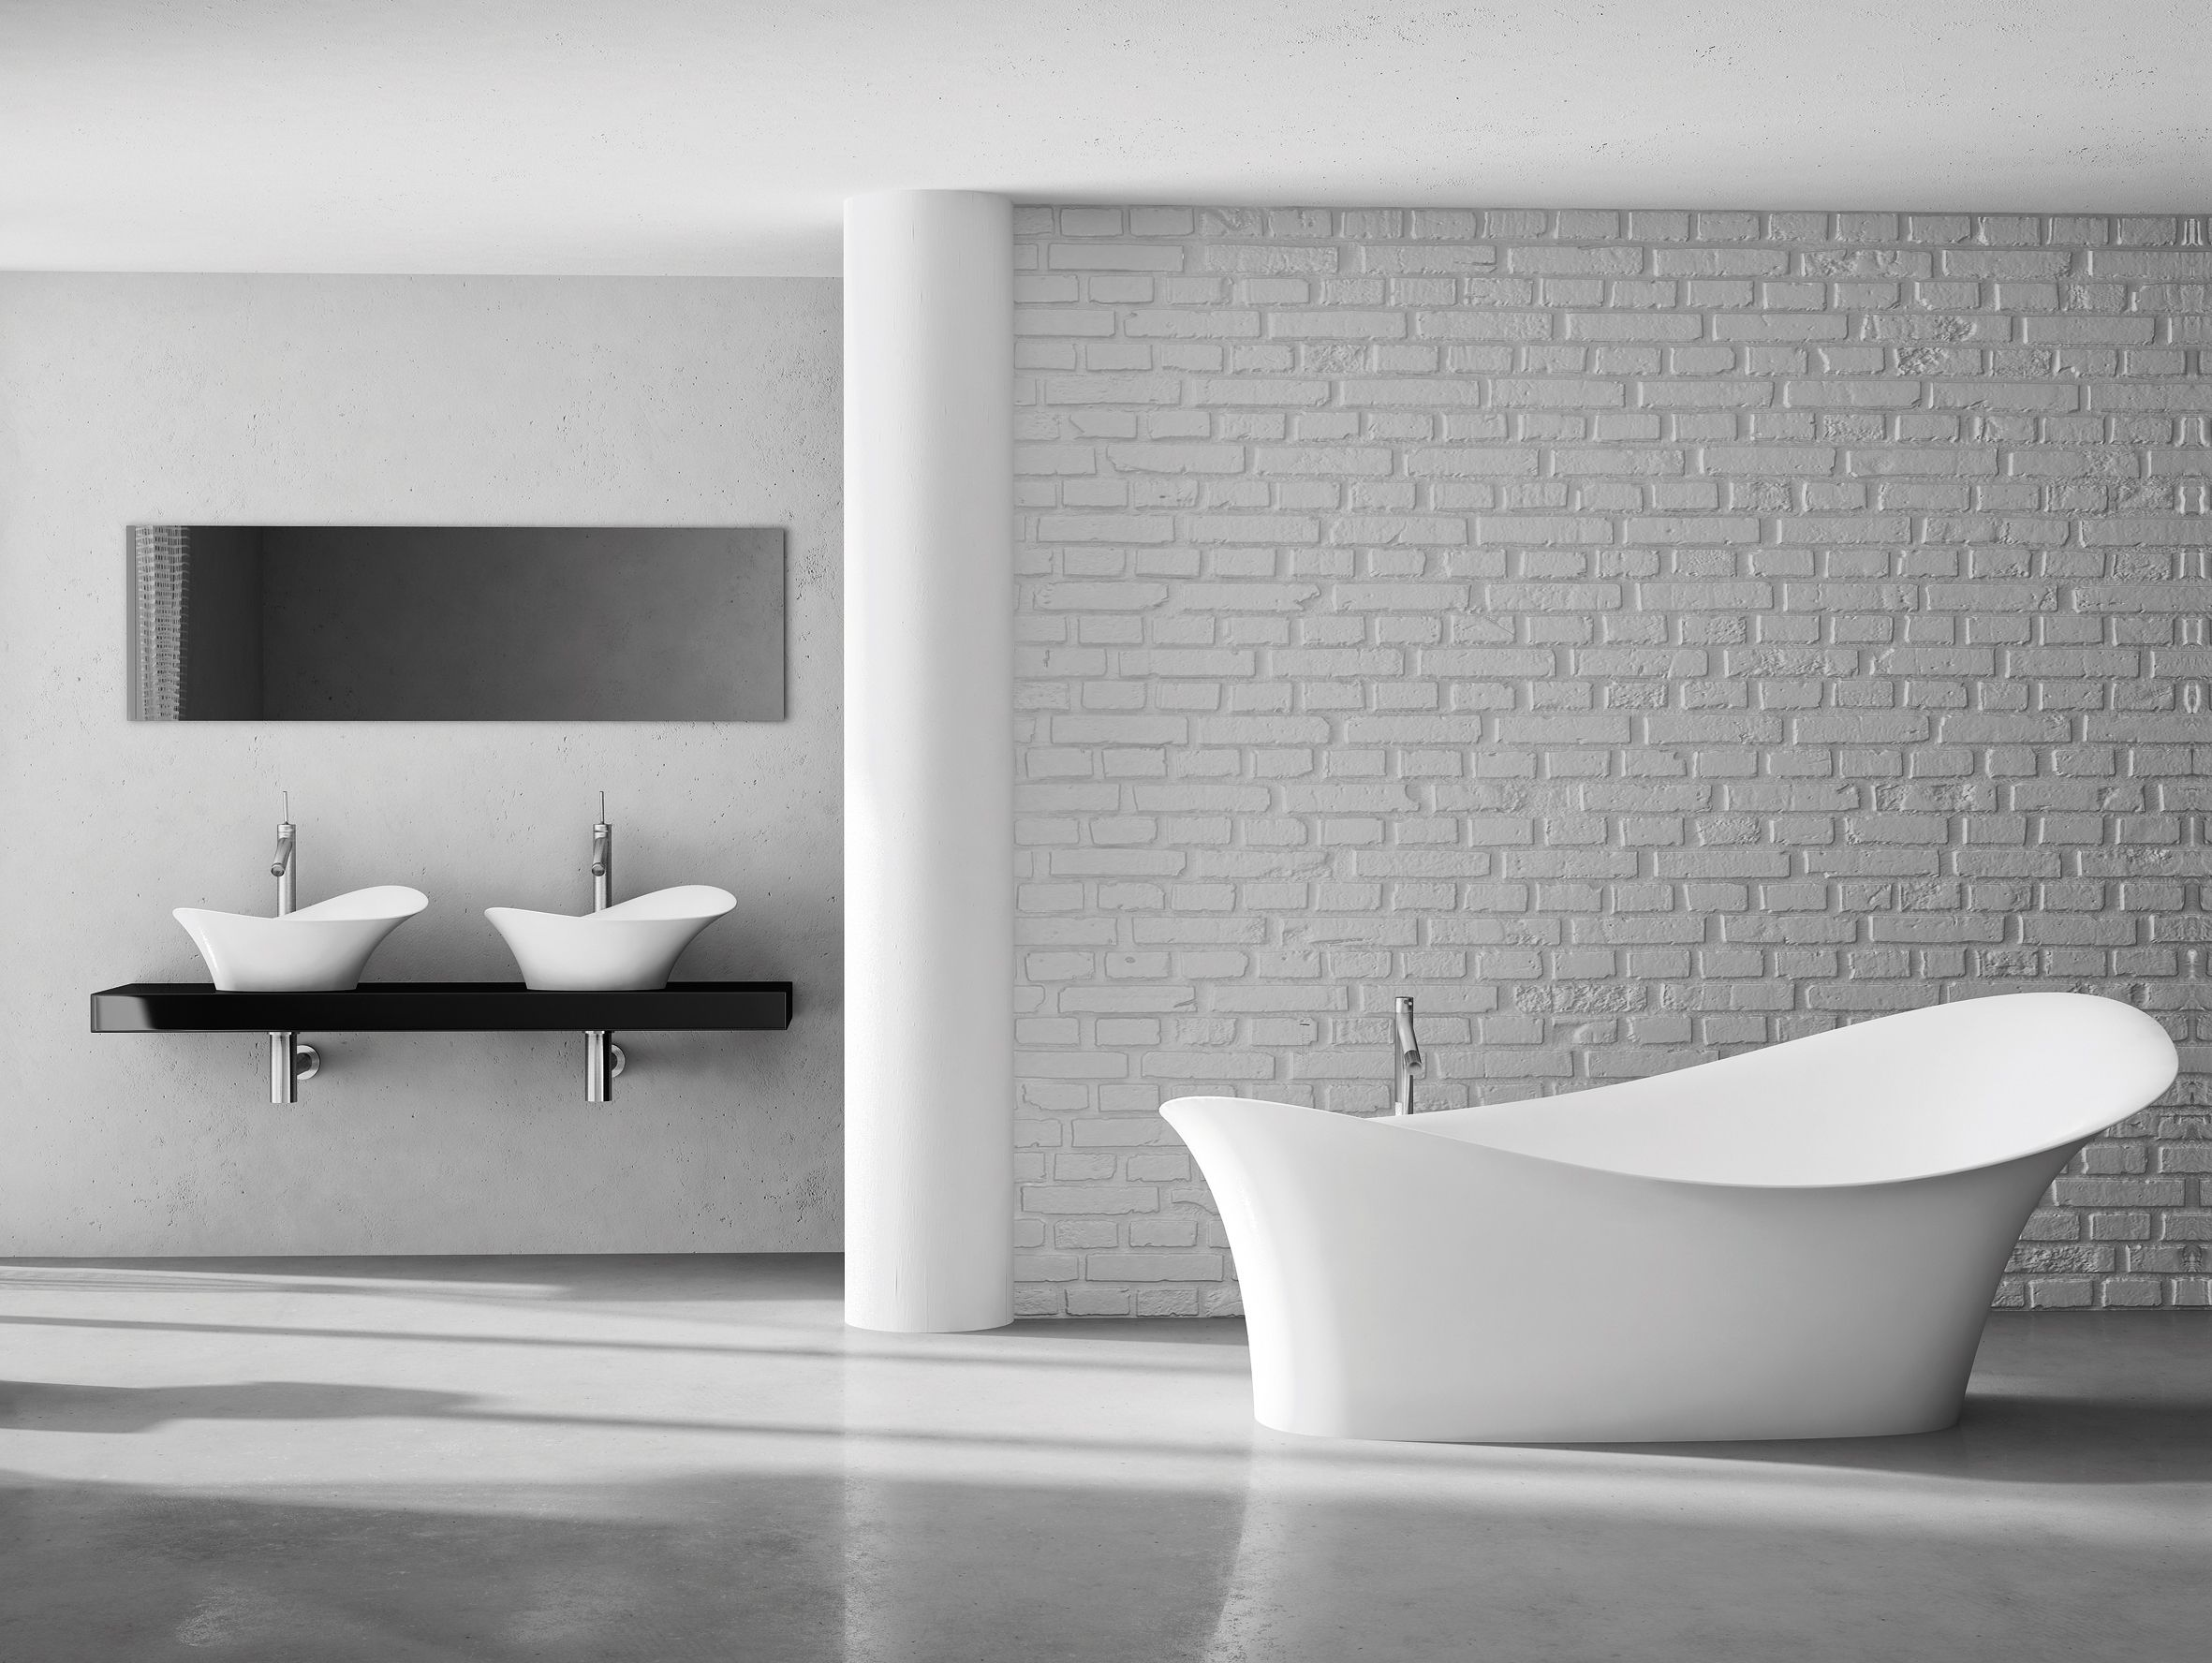 baignoire cedam amon un profil l gant en corolle pour cette baignoire lot vasques poser. Black Bedroom Furniture Sets. Home Design Ideas